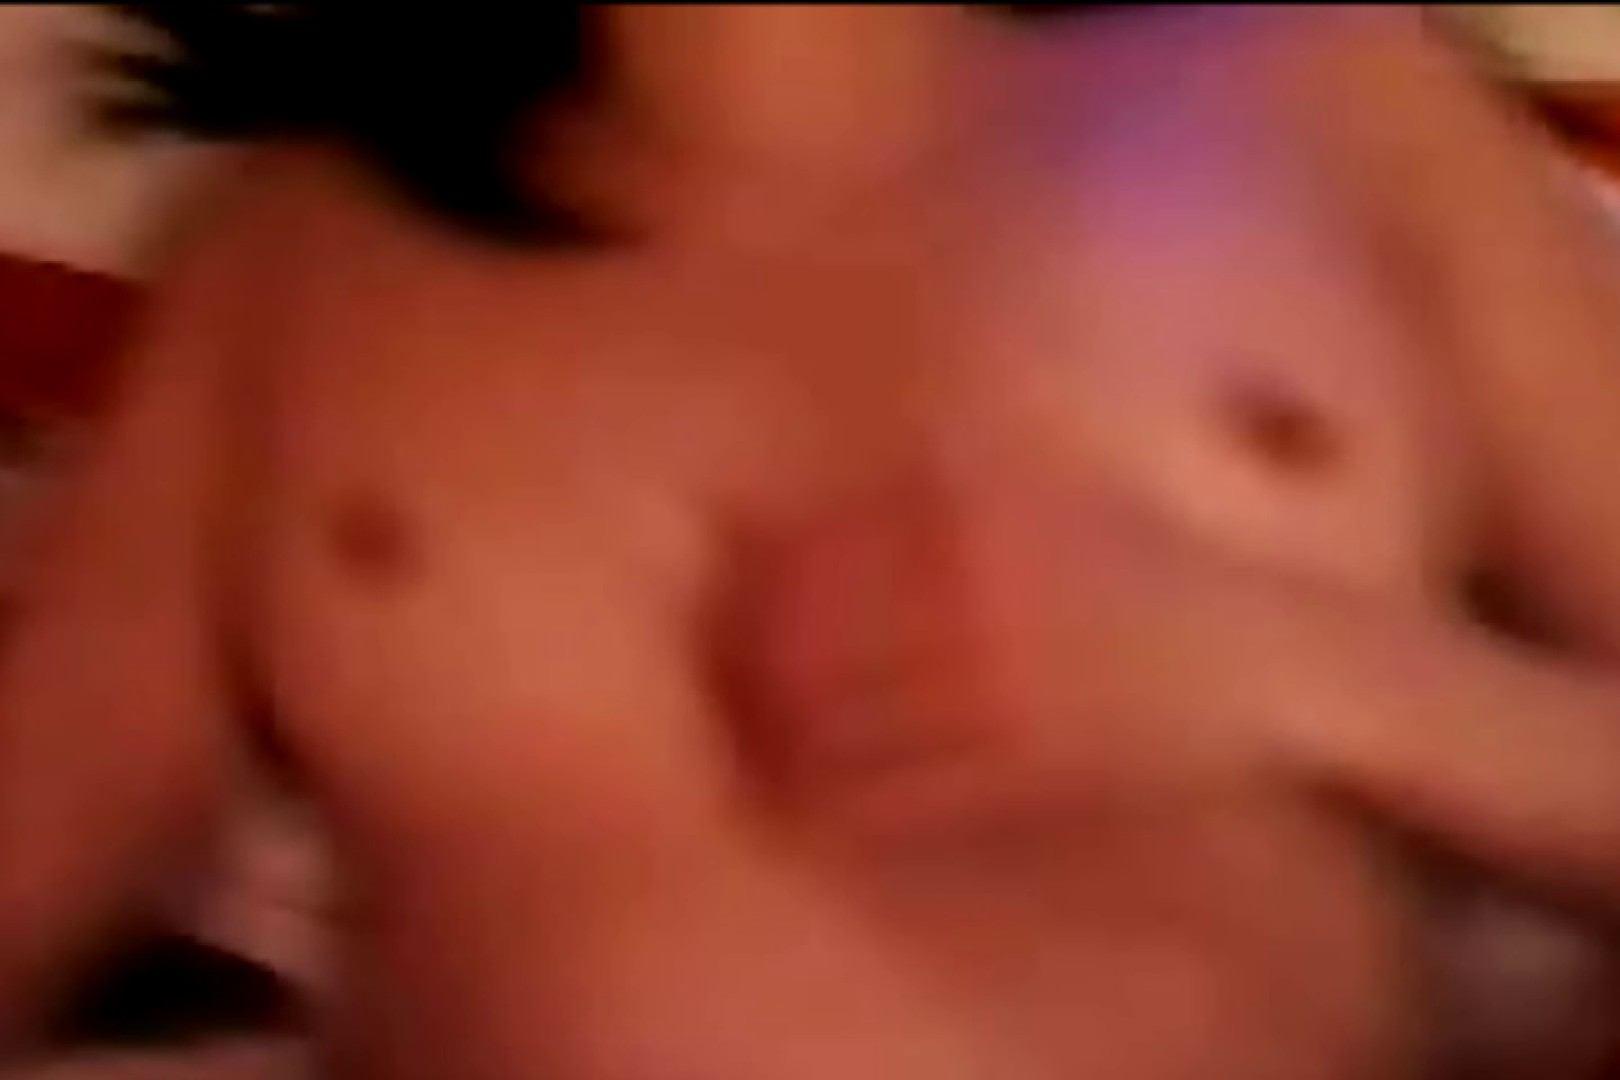 仁義なきキンタマ YAMAMOTOのアルバム フェラチオ  83連発 64